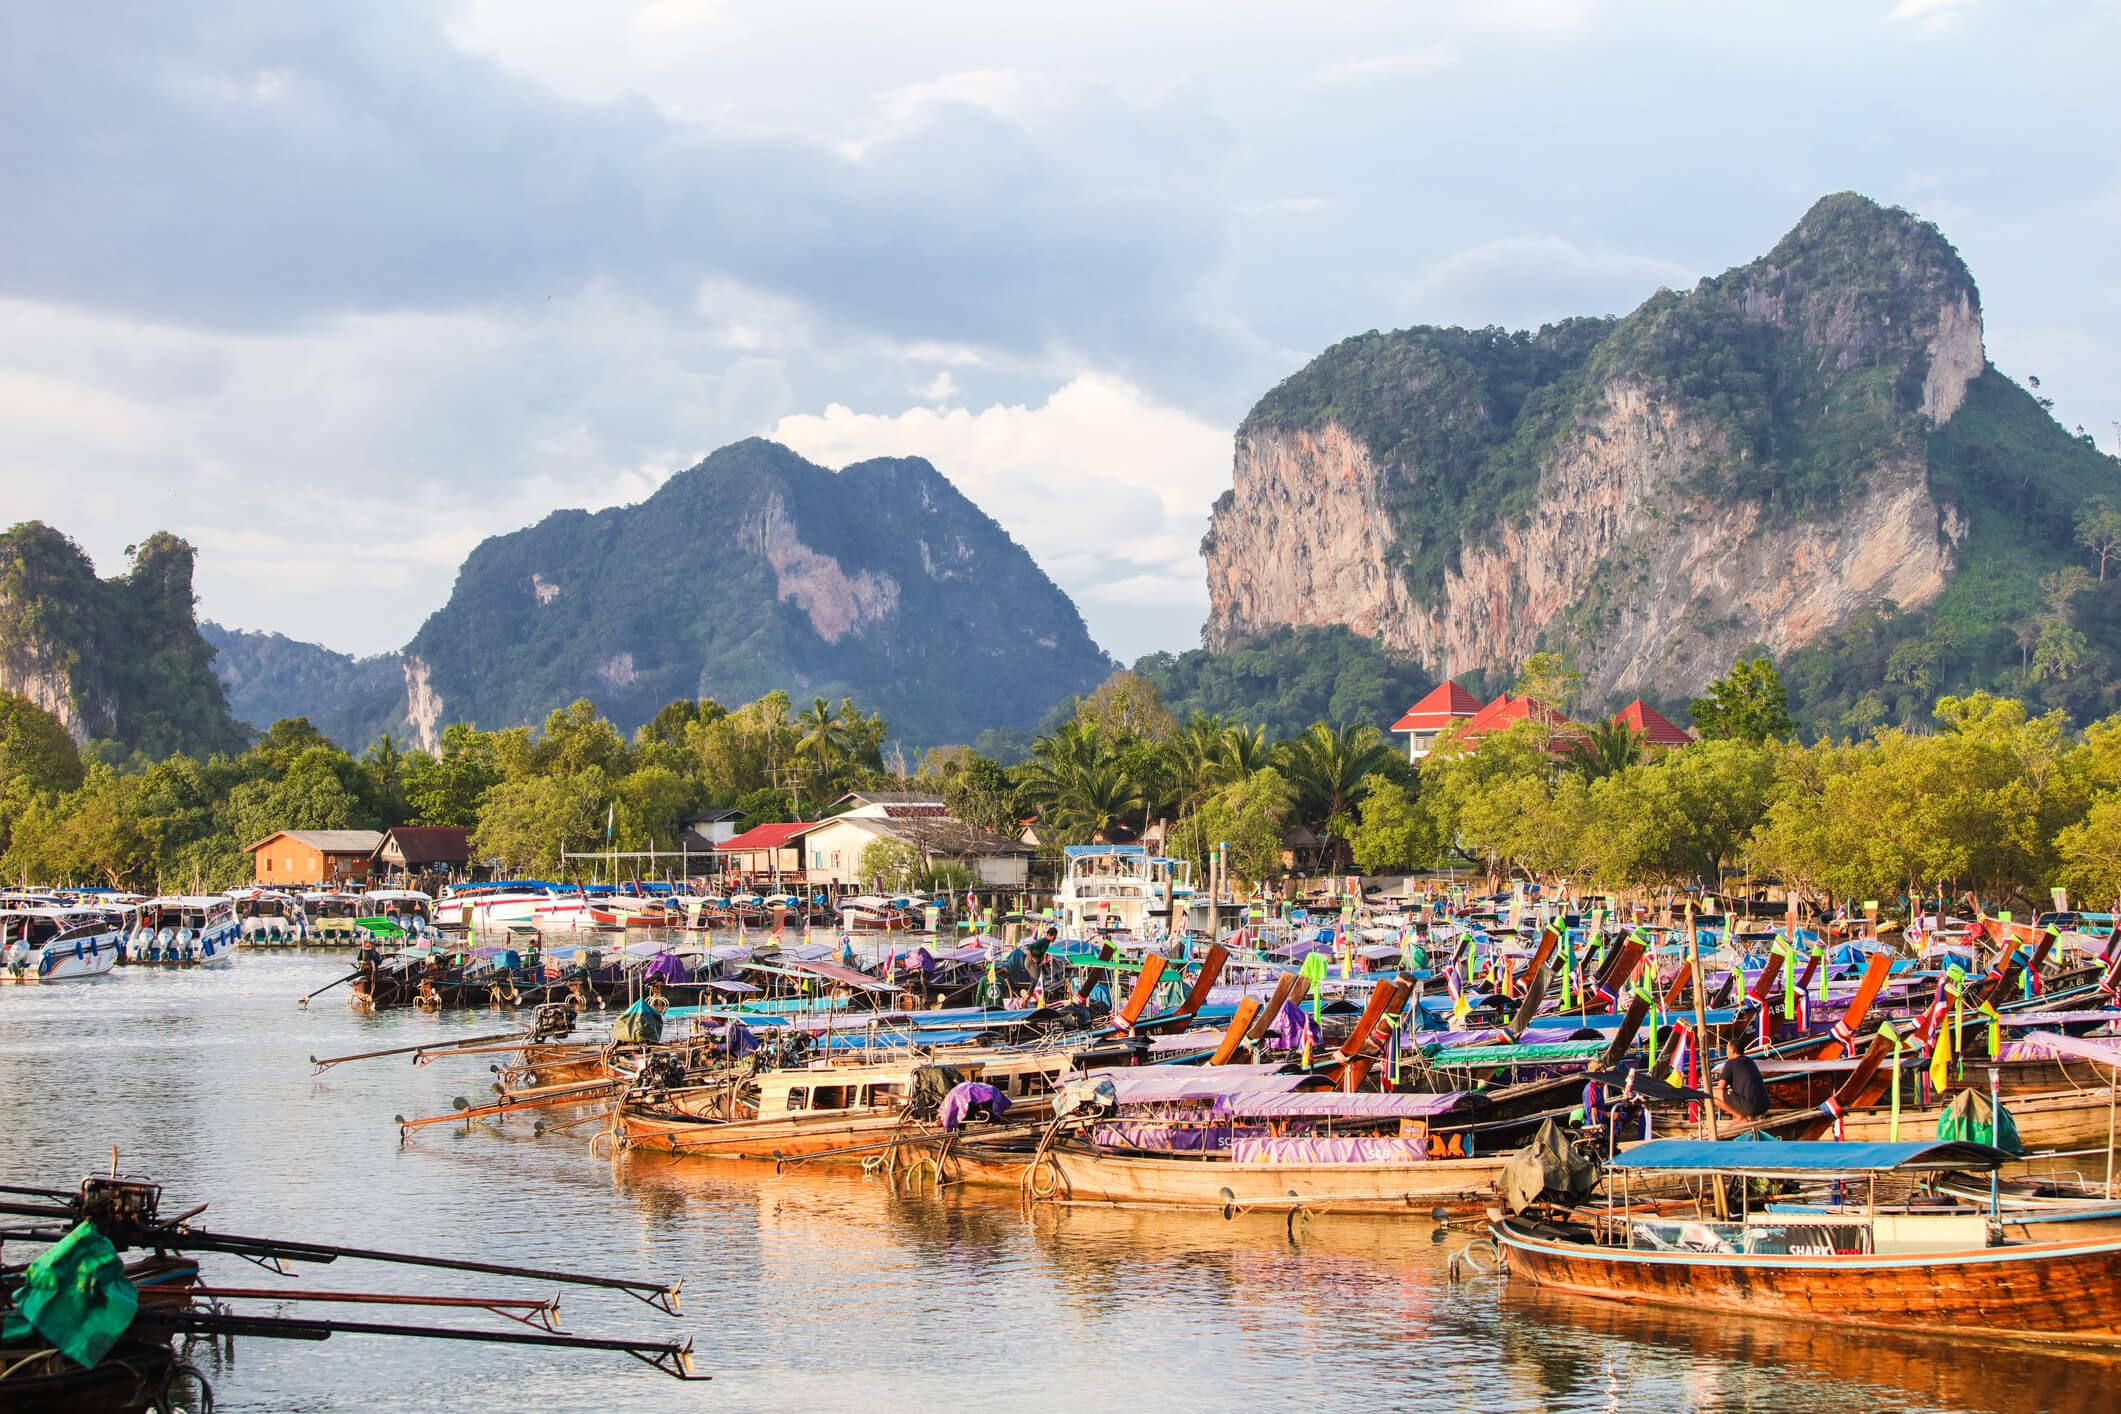 Longtail boats at Ao Nang Bay - places to see in Krabi